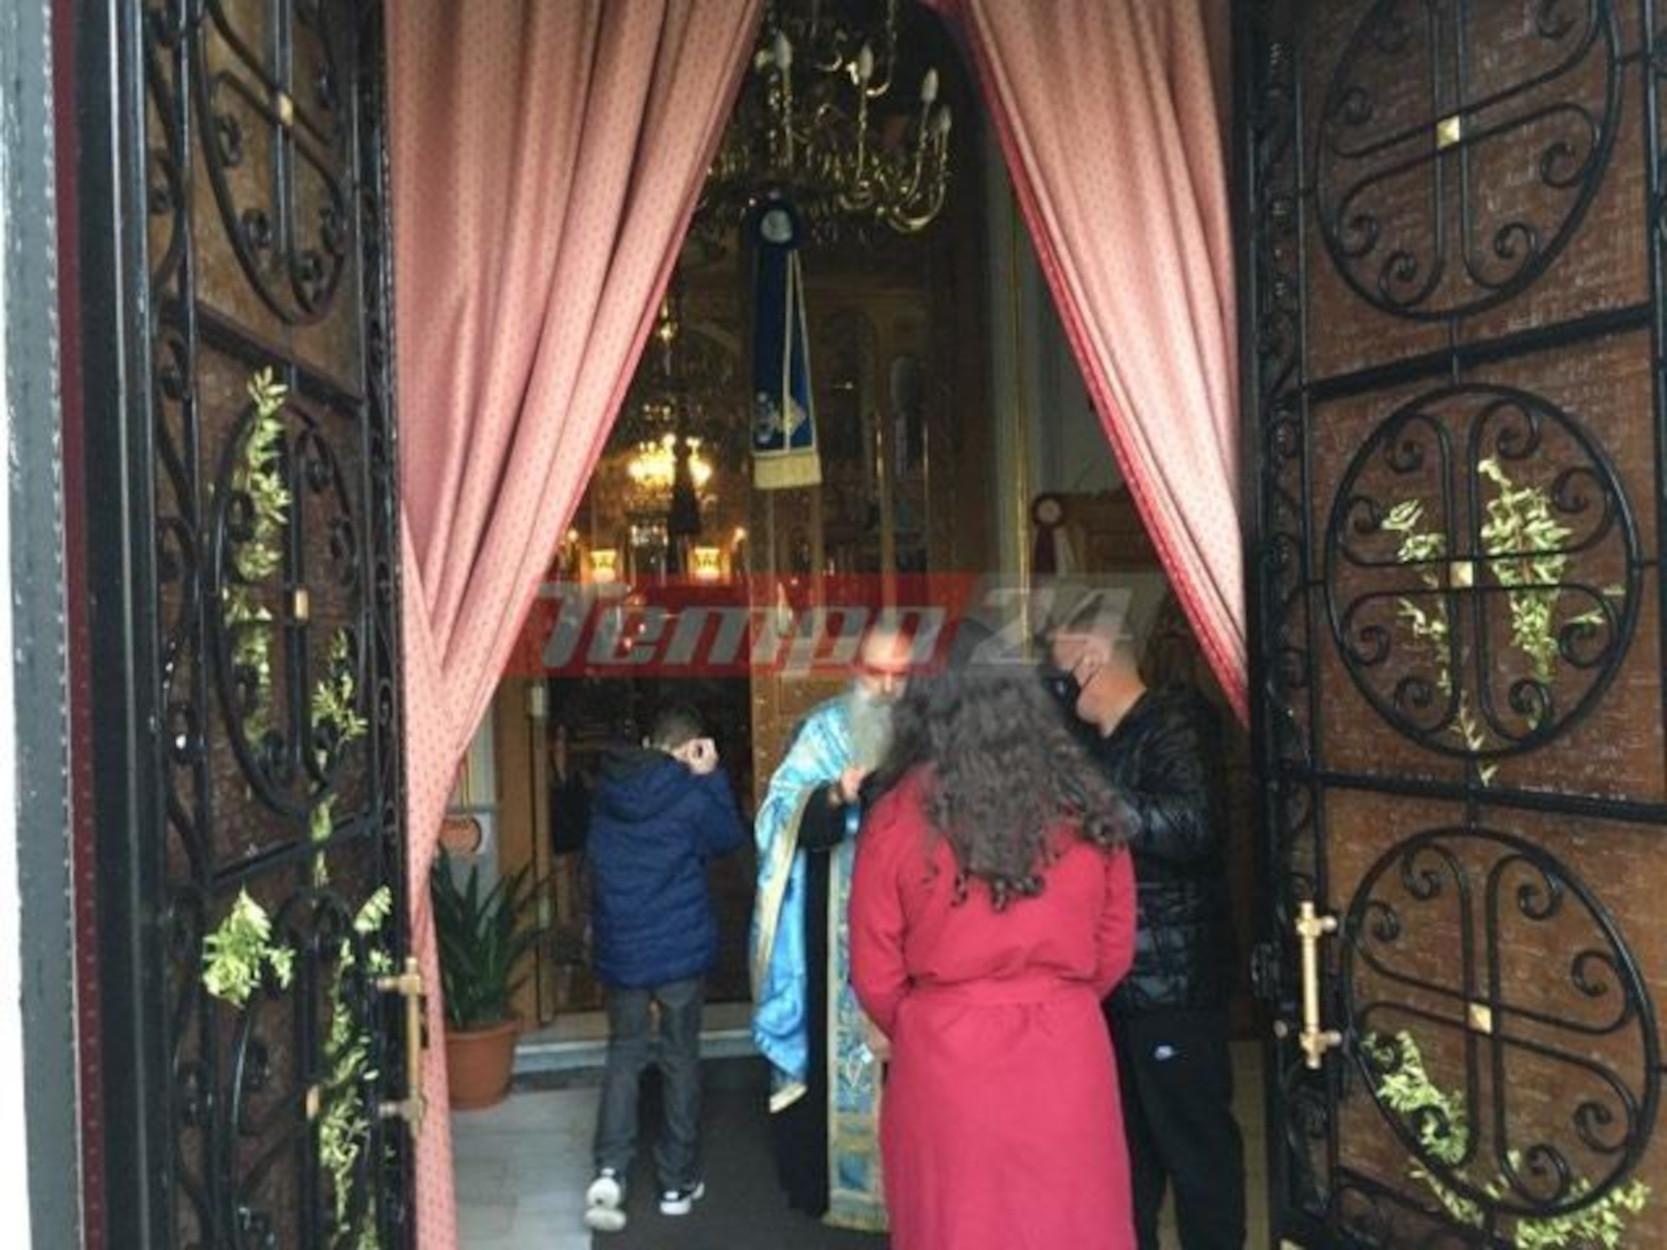 Πάτρα: Ιερέας βγήκε στην πόρτα για να δώσει Θεία Κοινωνία (pic)